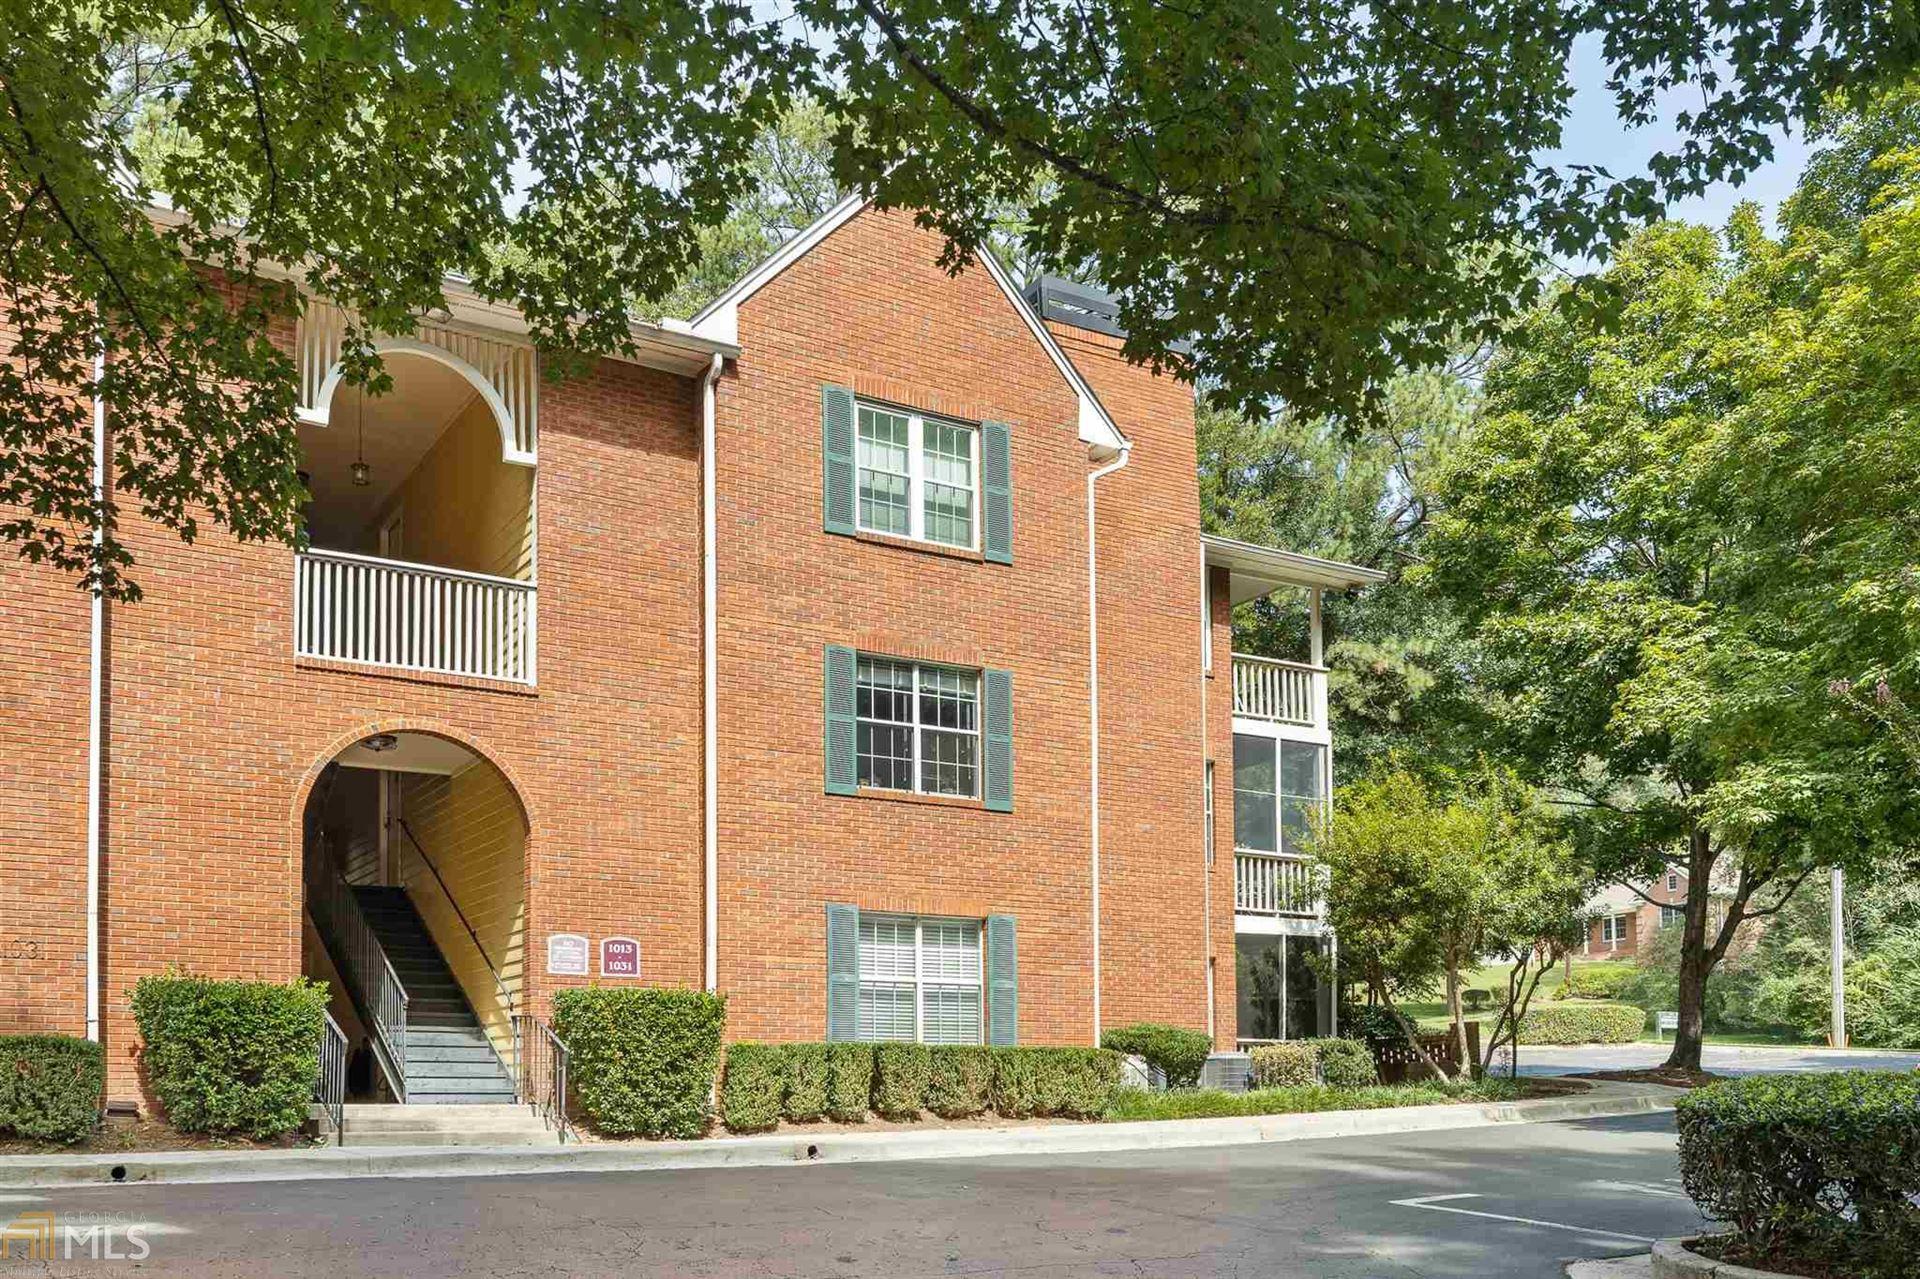 1027 N Jamestown Rd, Decatur, GA 30033 - MLS#: 8863919